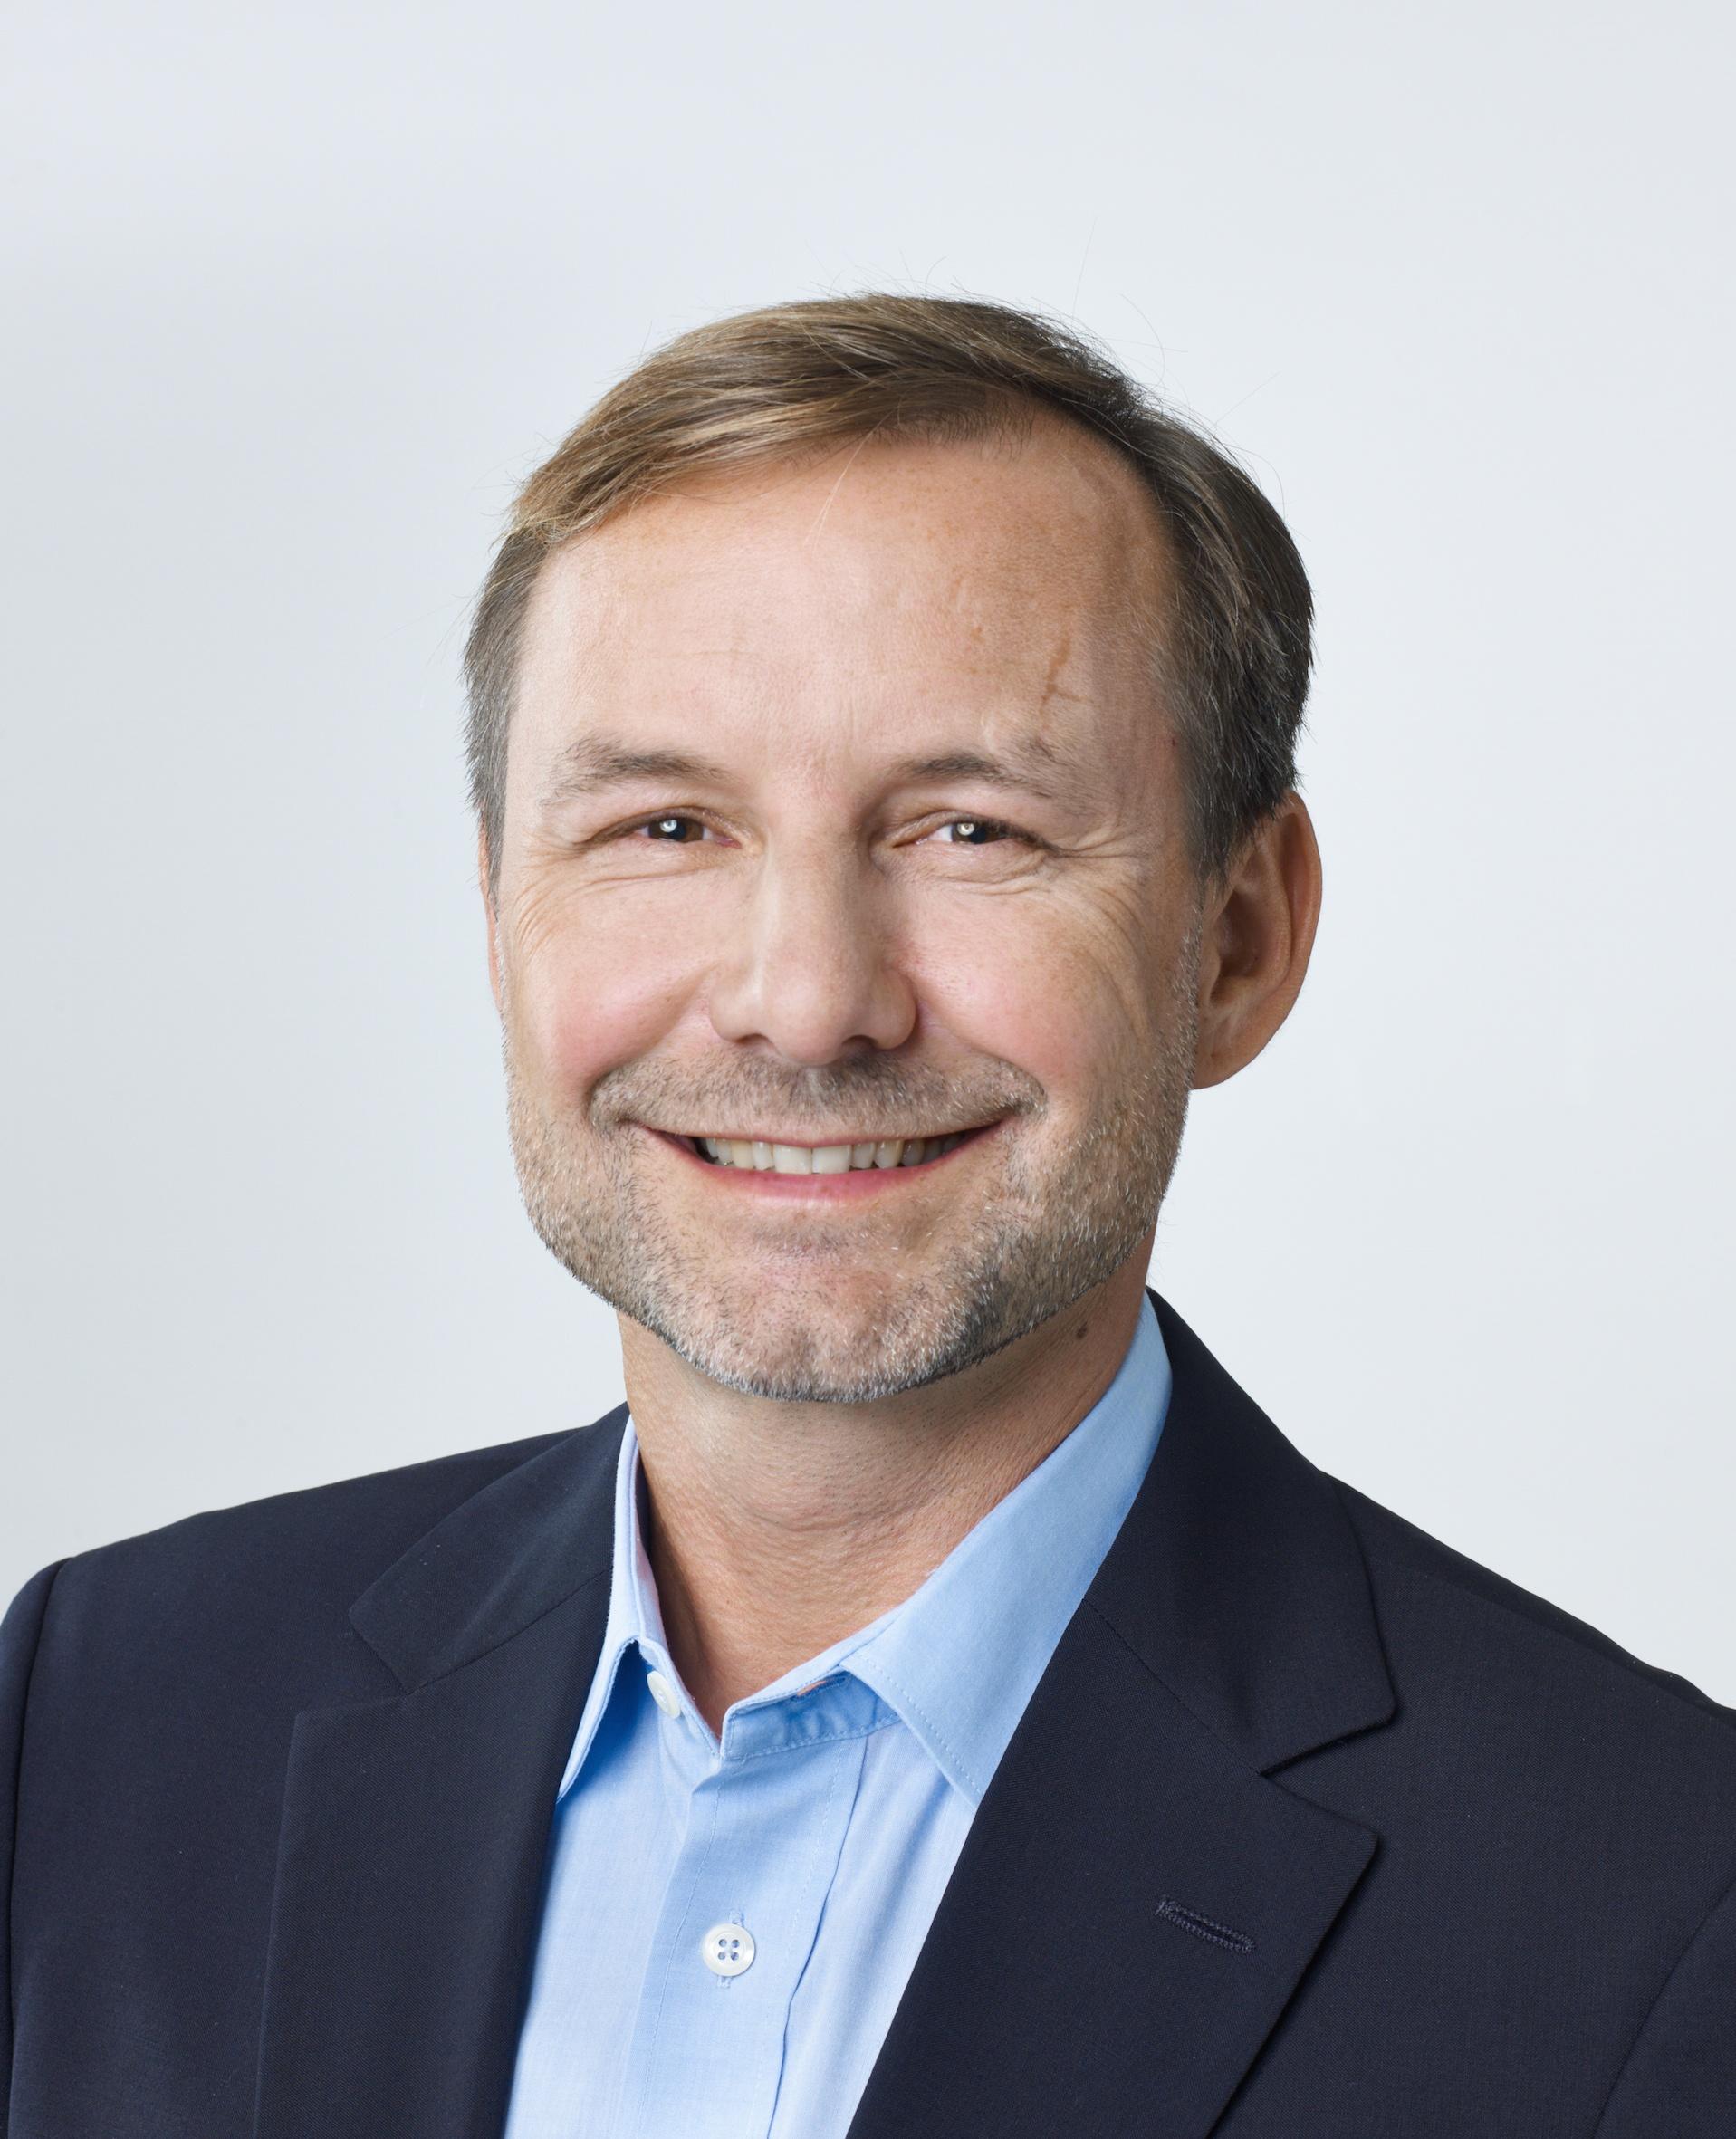 Christian Königsdorfer